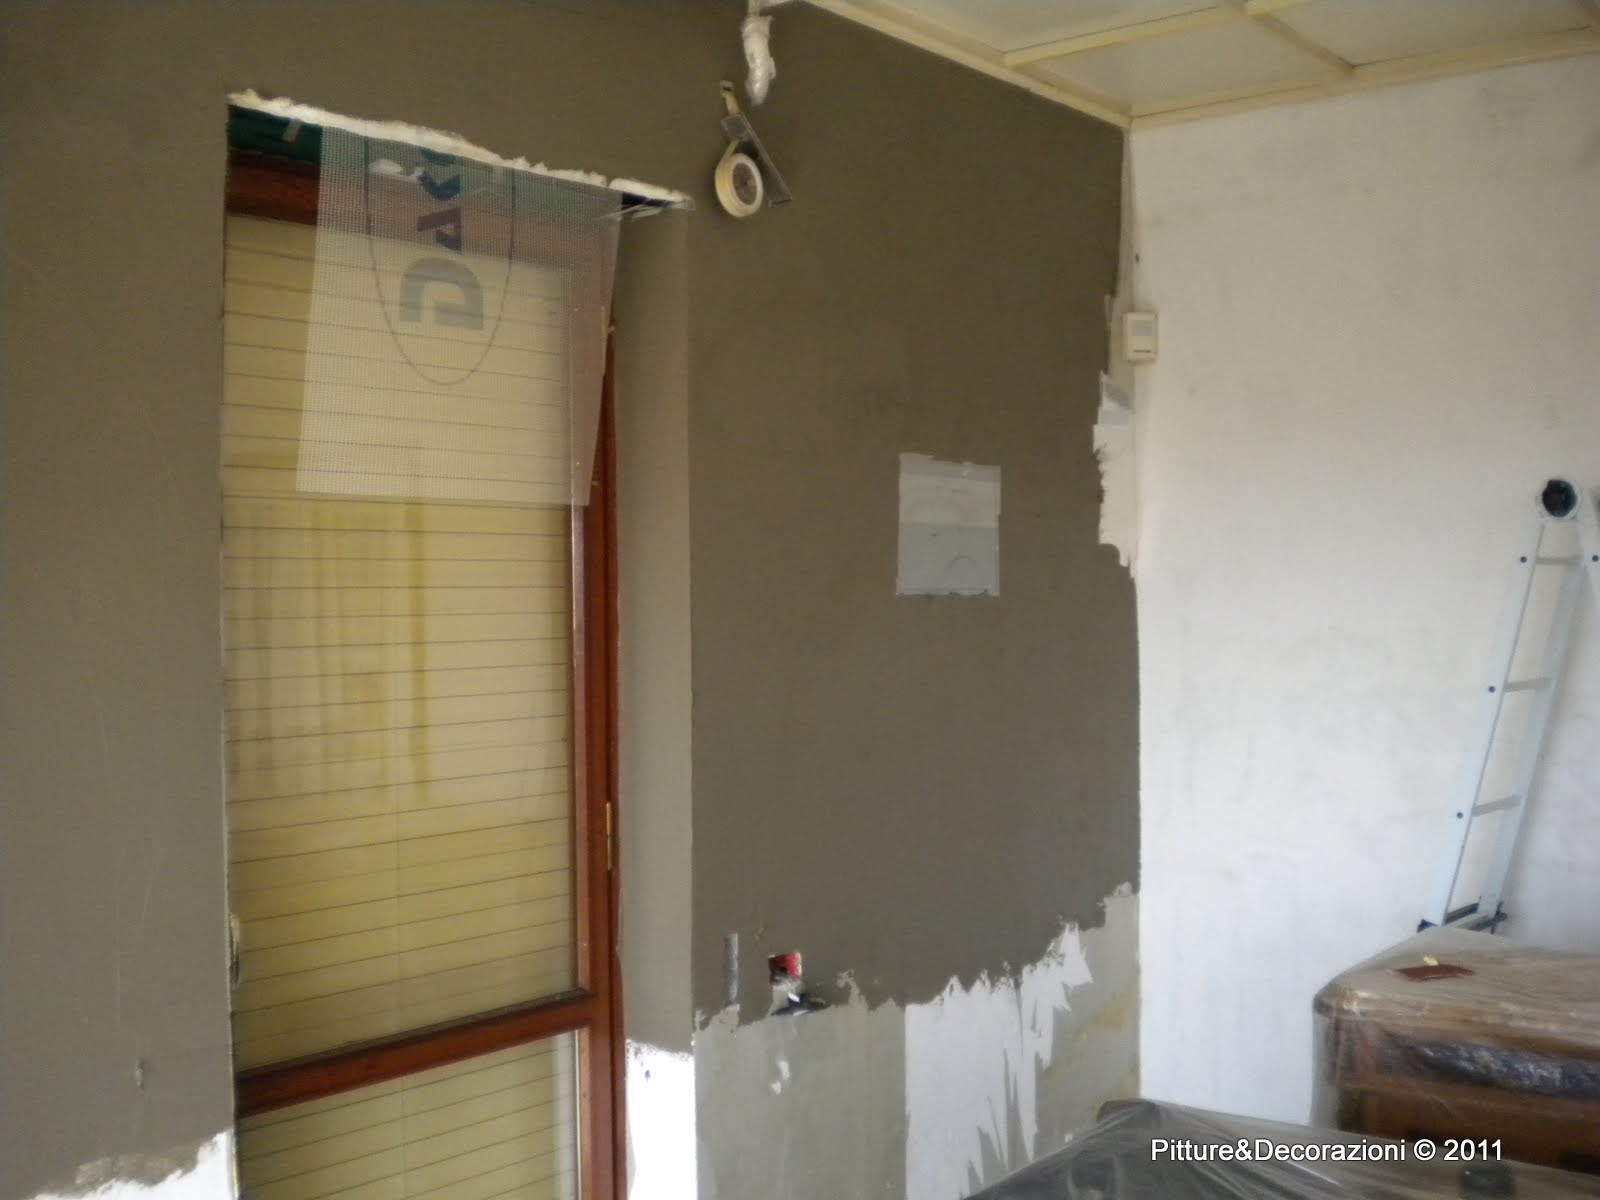 Pitture decorazioni coibentazione interna - Coibentazione parete interna ...